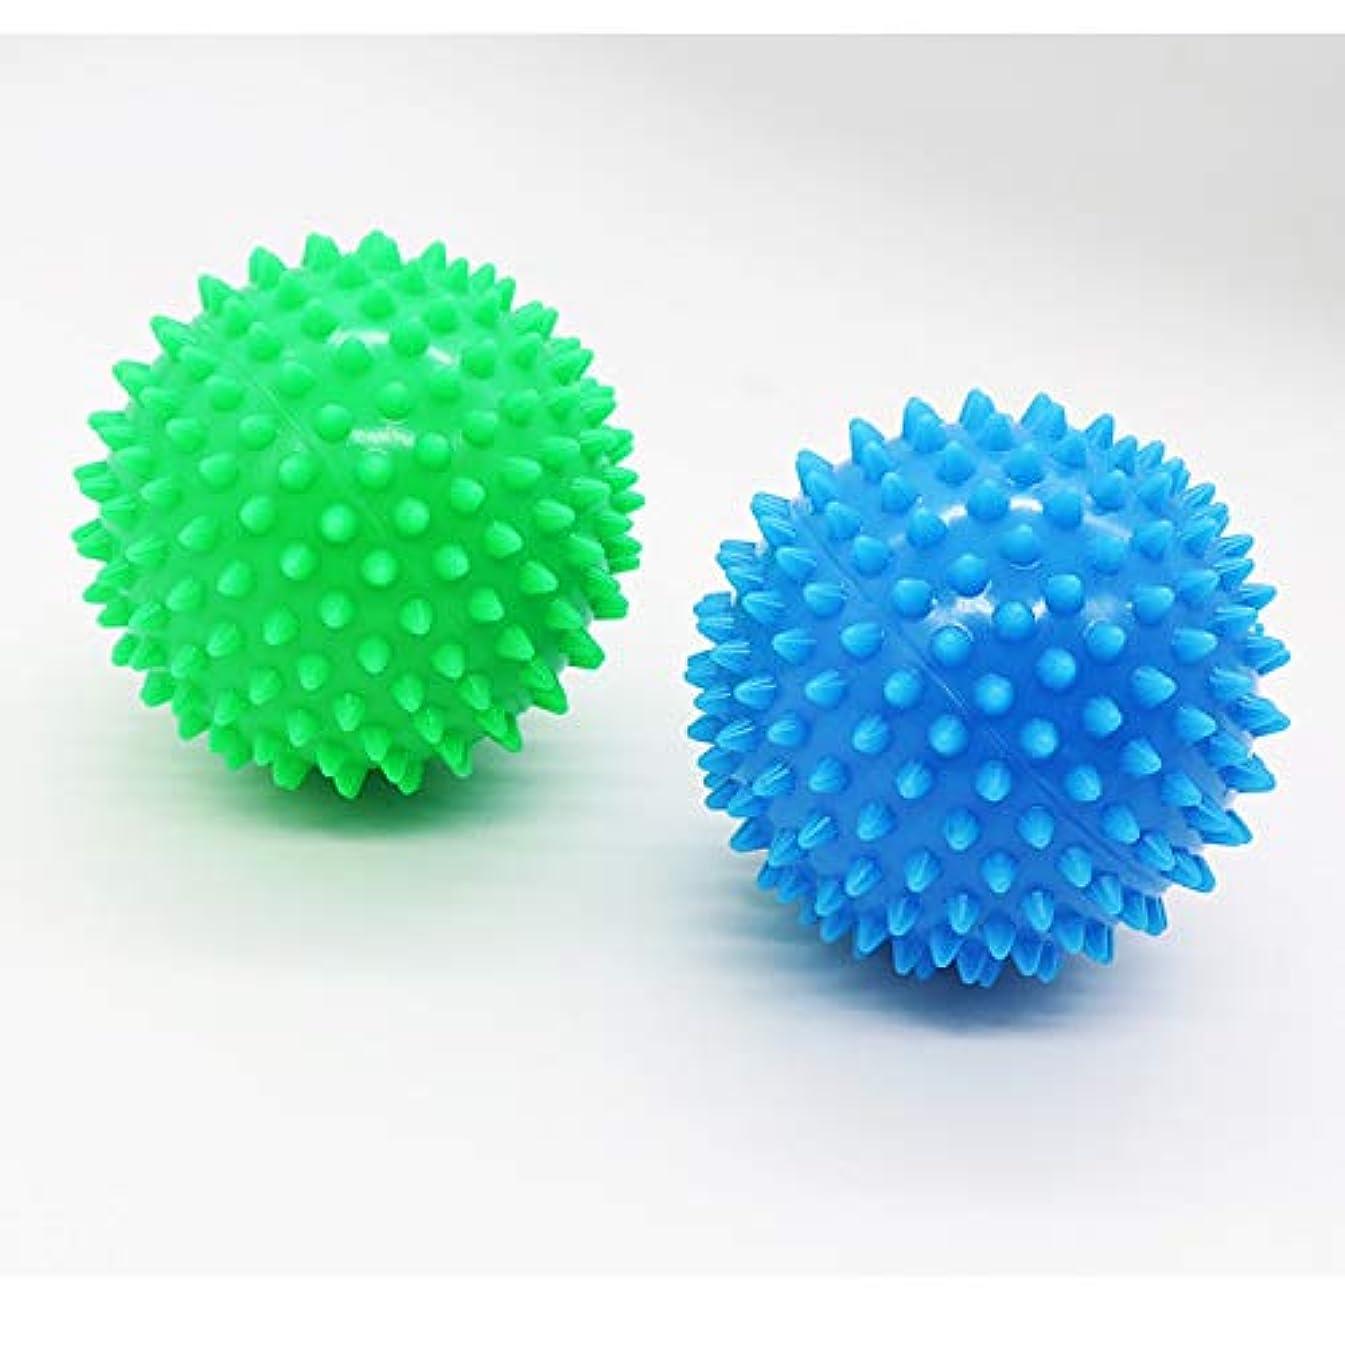 まっすぐ摩擦ベッドを作るDreecy マッサージボール(2個セット)触覚ボール リフレックスボール トレーニングボール  ポイントマッサージ 筋筋膜リリース 筋肉緊張和らげ 血液循環促進 9cm(青+緑)